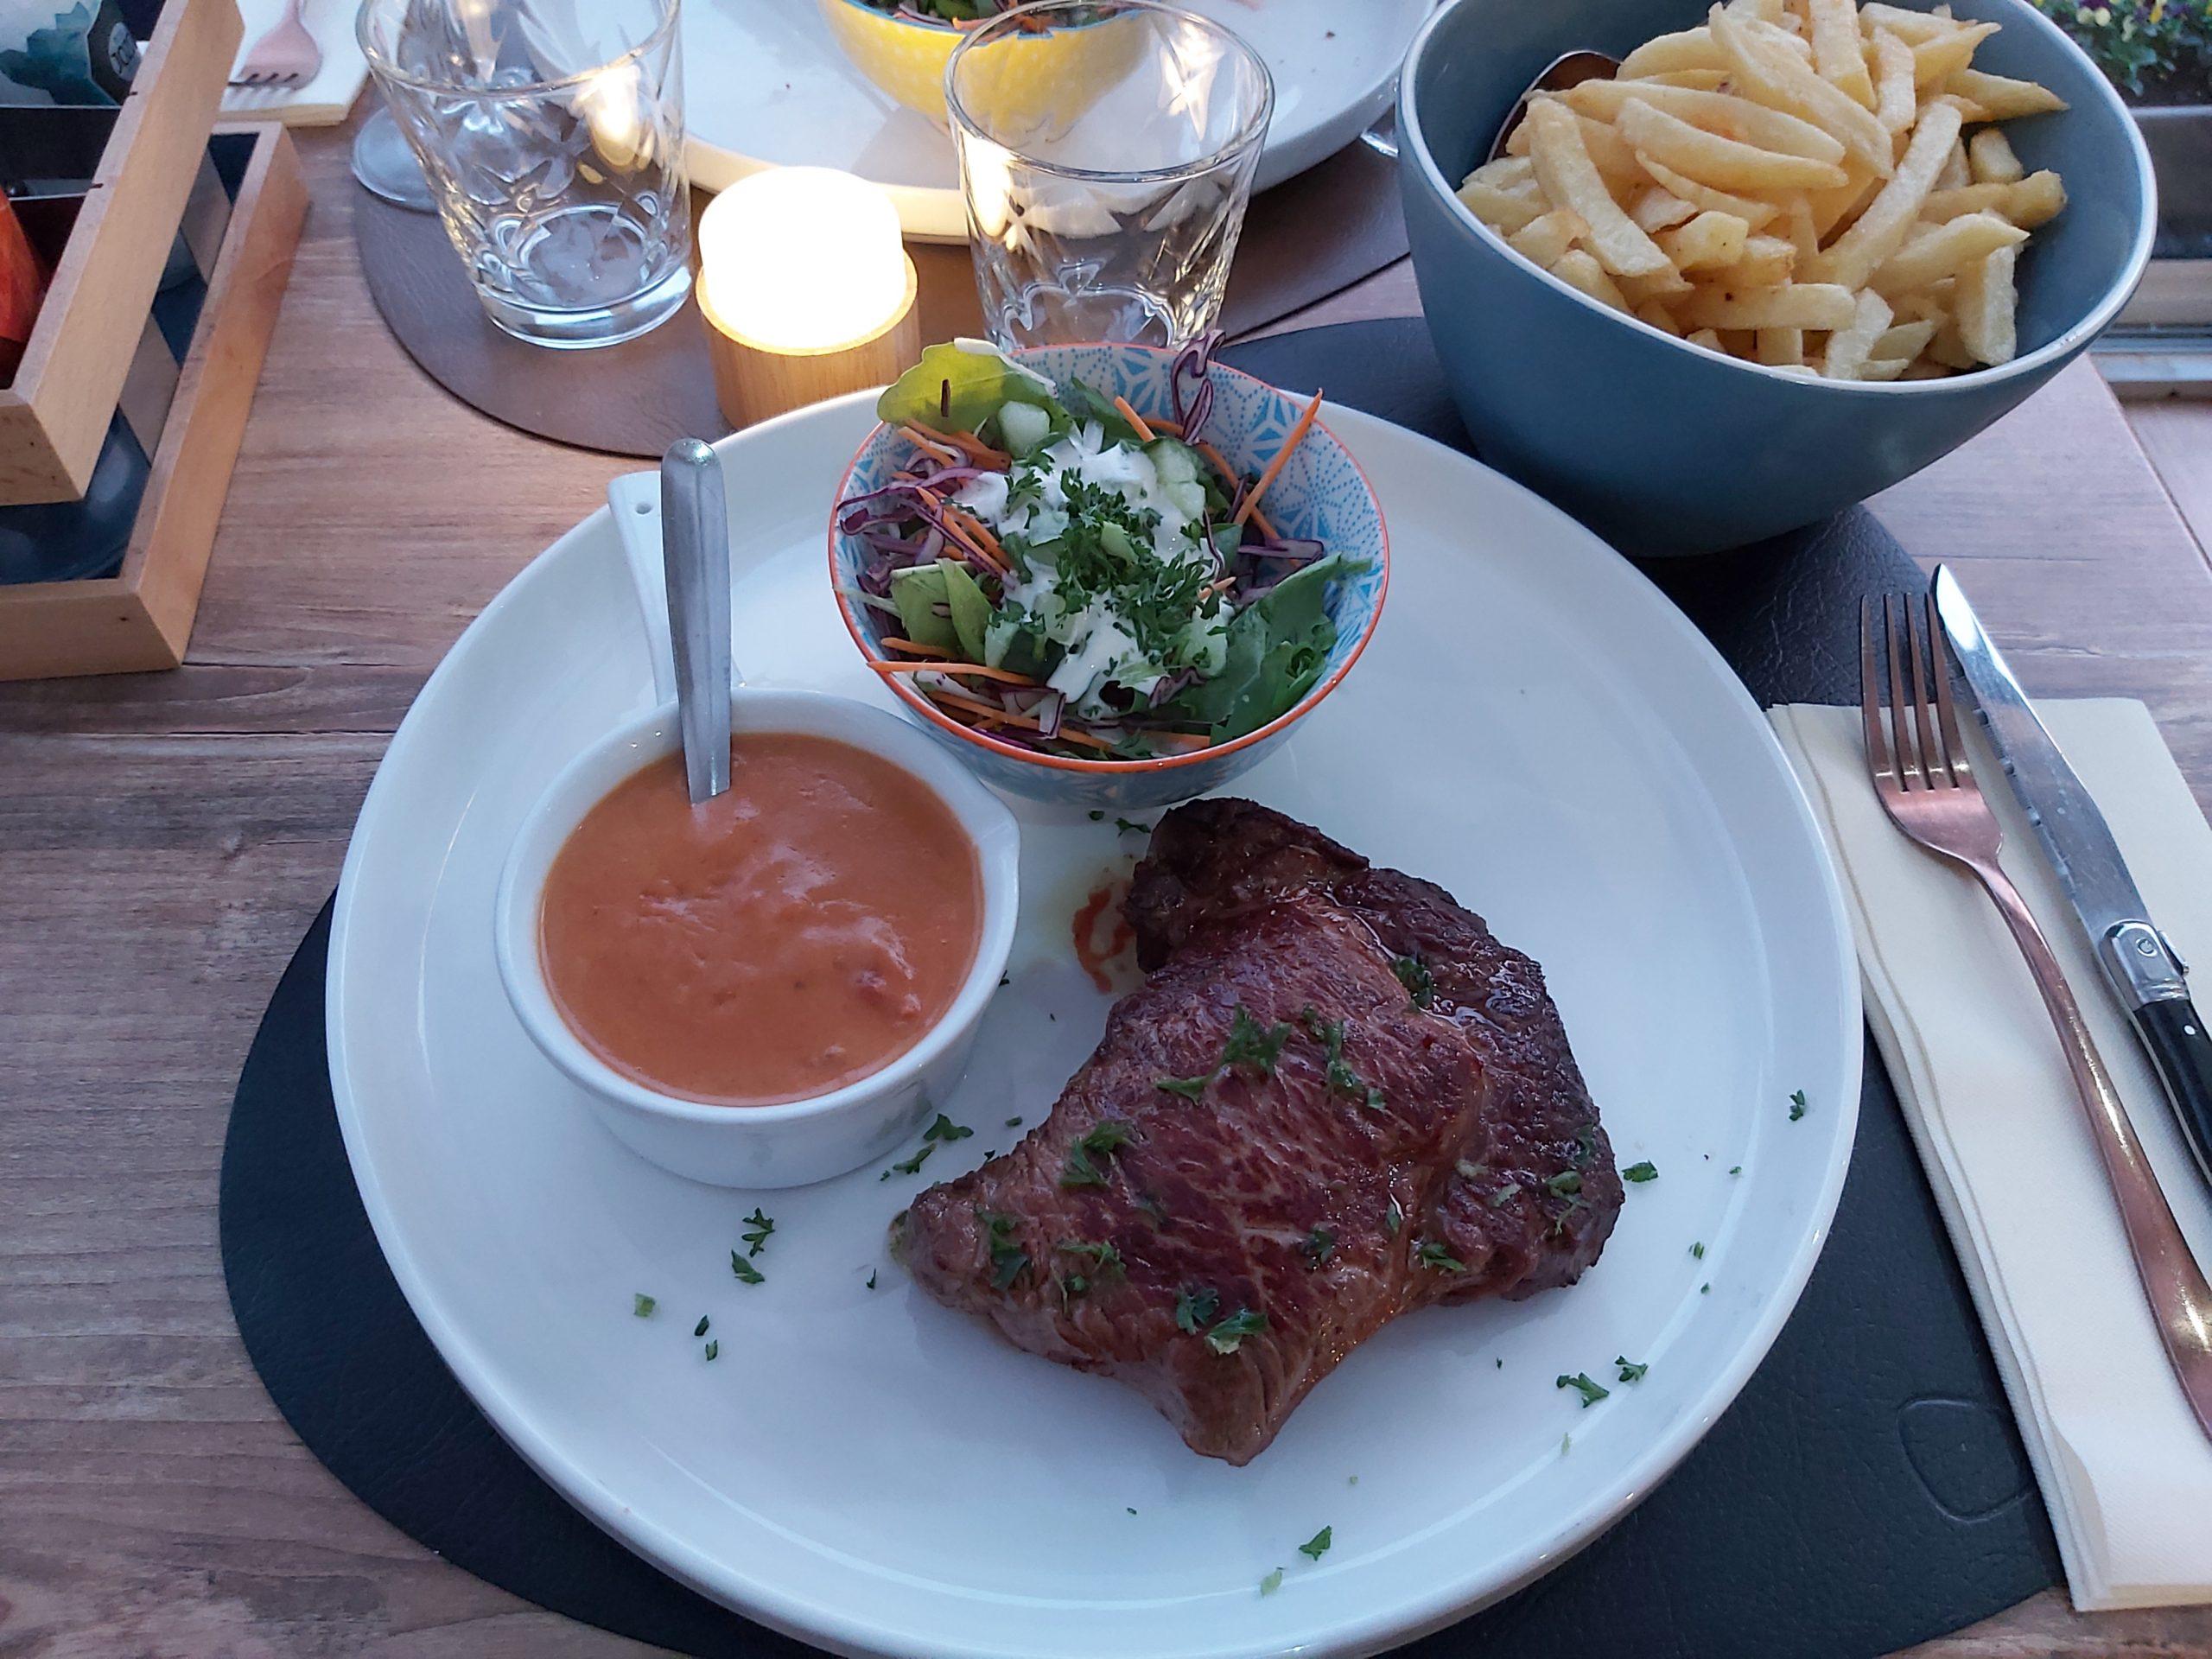 villa clochard de beste steak van belgie